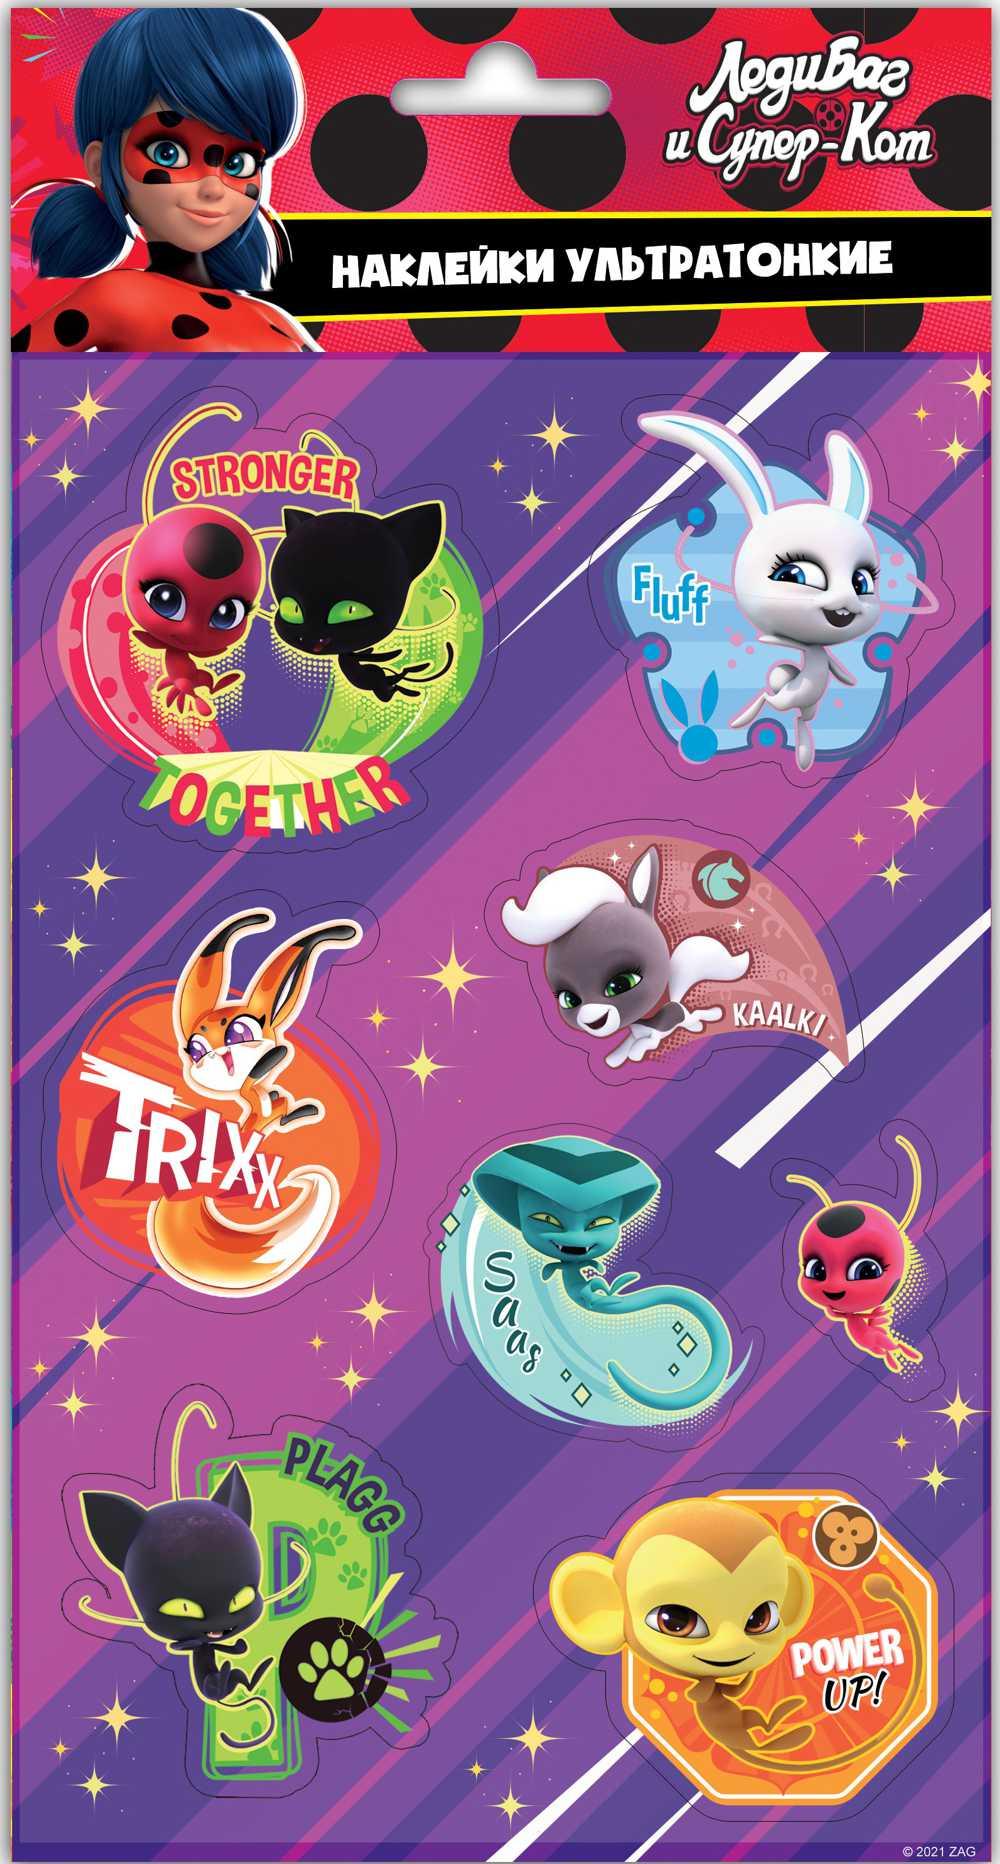 Набор наклеек Леди Баг и Супер-Кот Дизайн 5 Плёночные логунова е леди баг и супер кот раскраска с развивающими заданиями 16 цветных наклеек